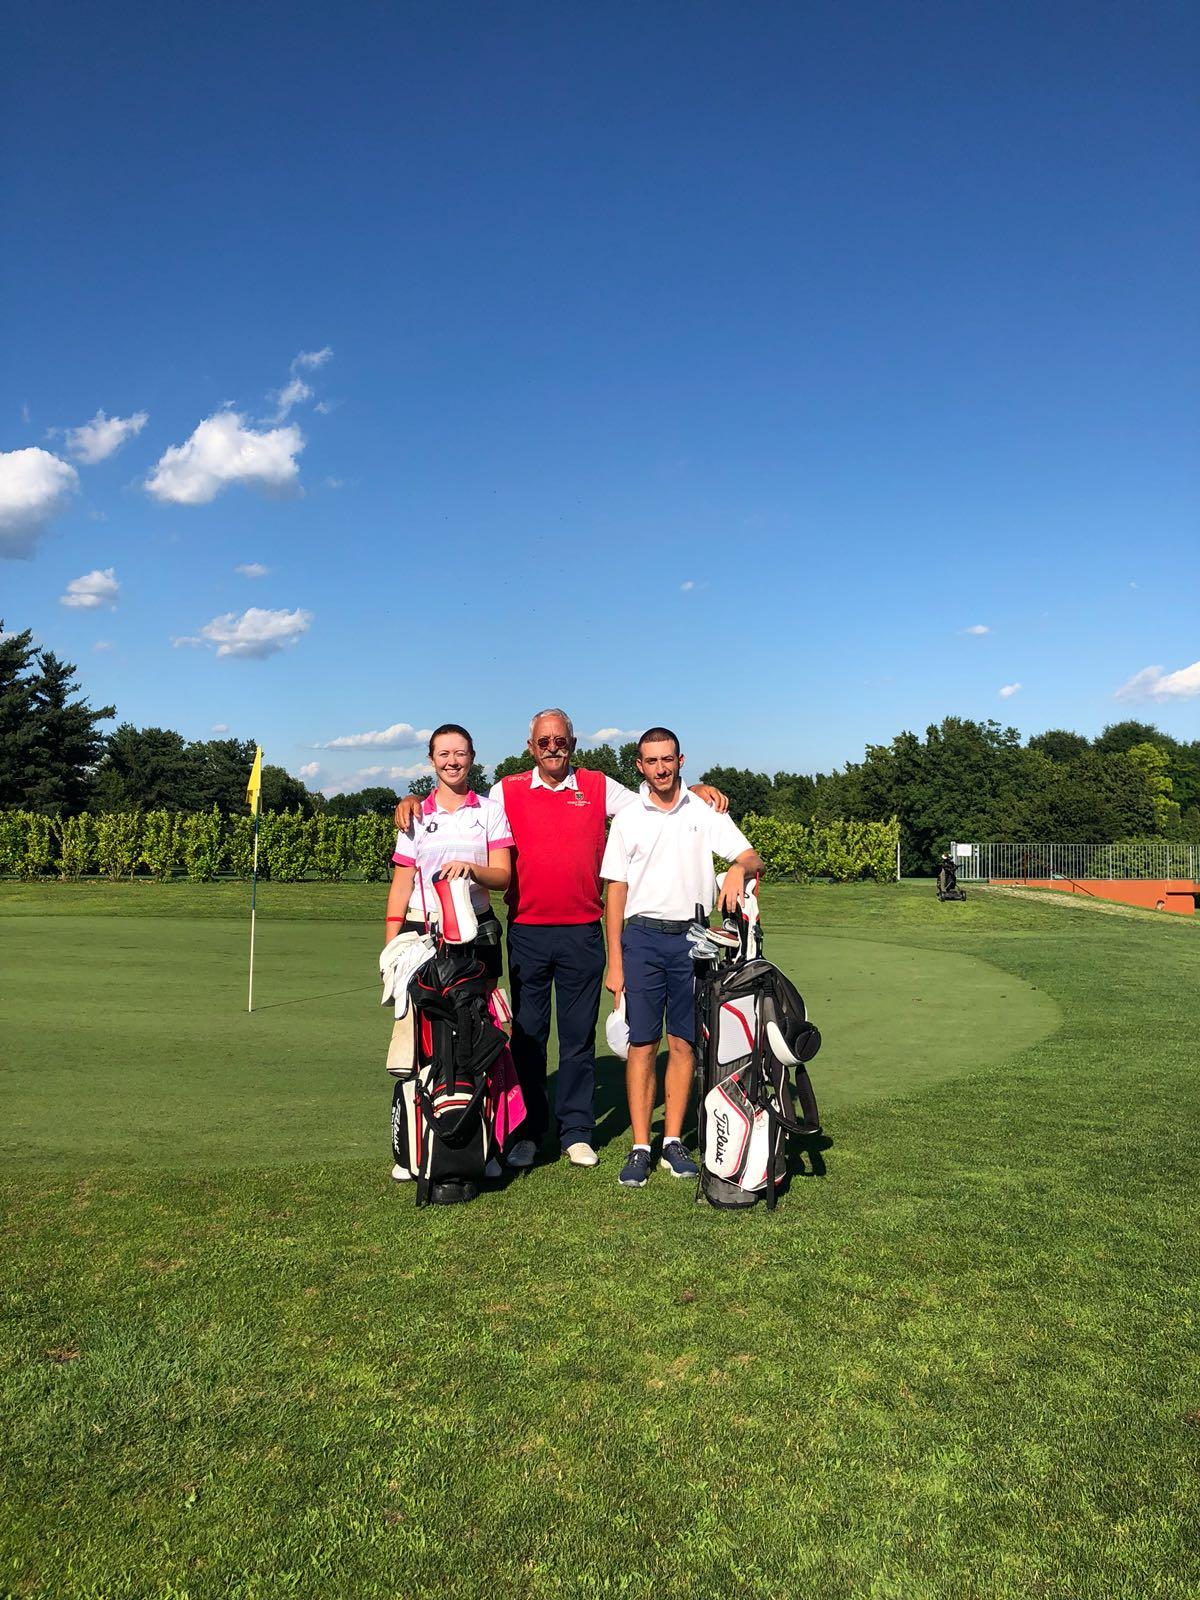 Golfschule Tirol - golfschule macht profisportler